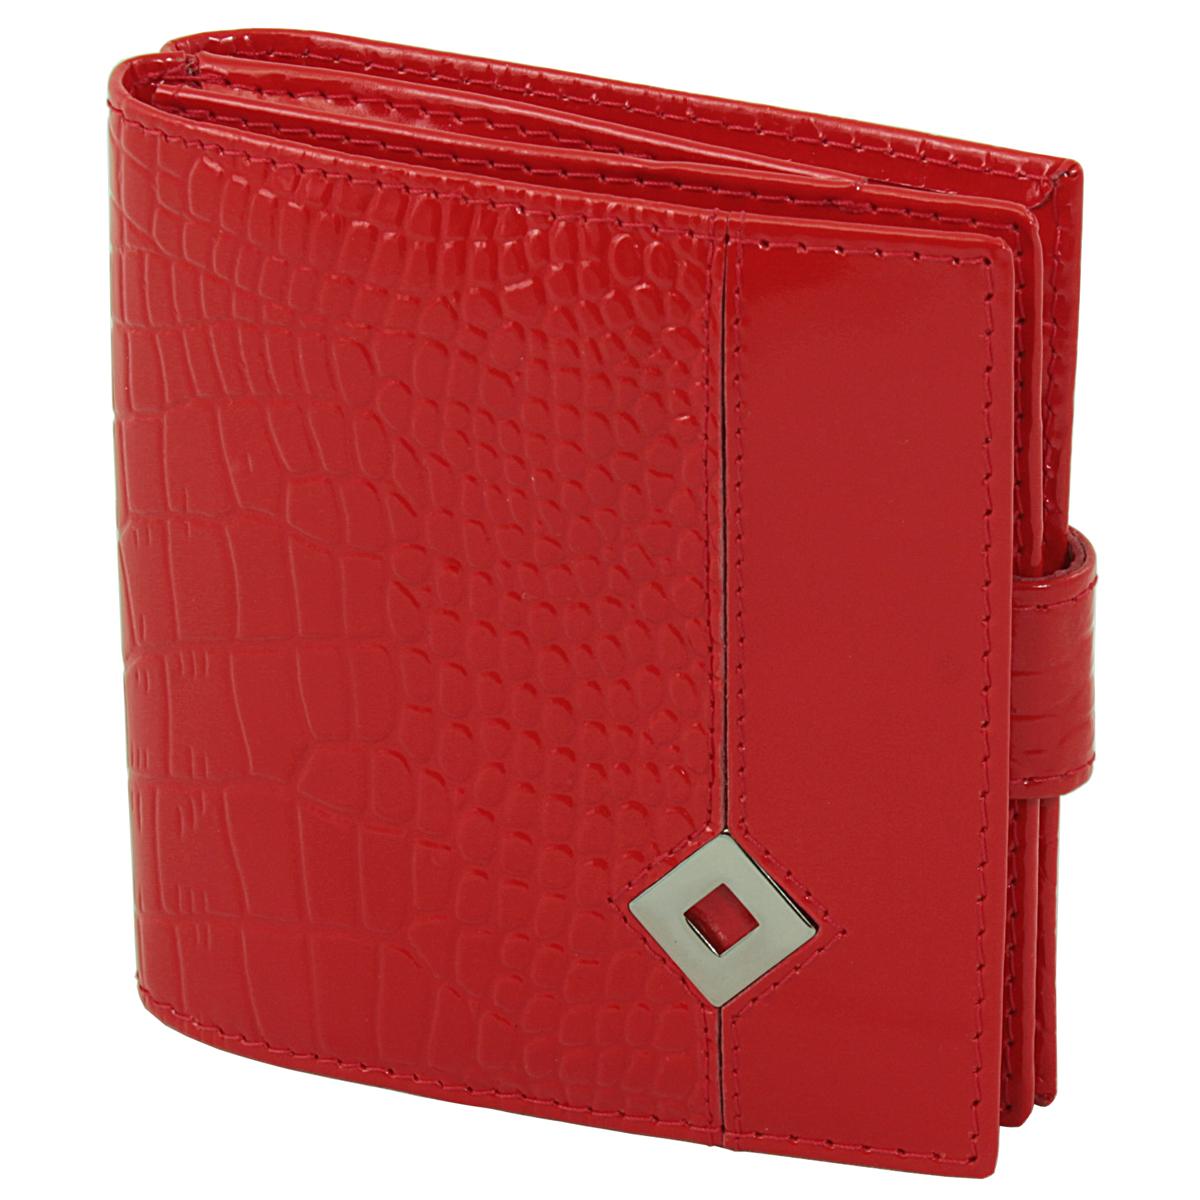 Кошелек женский Dimanche Papillon Rouge, цвет: красный. 245245Женский компактный кошелек Papillon Rouge выполнен из натуральной высококачественной кожи с декоративным тиснением. Кошелек состоит из двух отделений. Первое отделение закрывается на магнитную кнопку, имеет четыре кармашка для кредиток и карман для монет с клапаном на кнопке. Второе отделение также закрывается на магнитную кнопку и содержит два кармана для купюр. Между отделениями также предусмотрен кармашек. Кошелек упакован в фирменную картонную коробку.